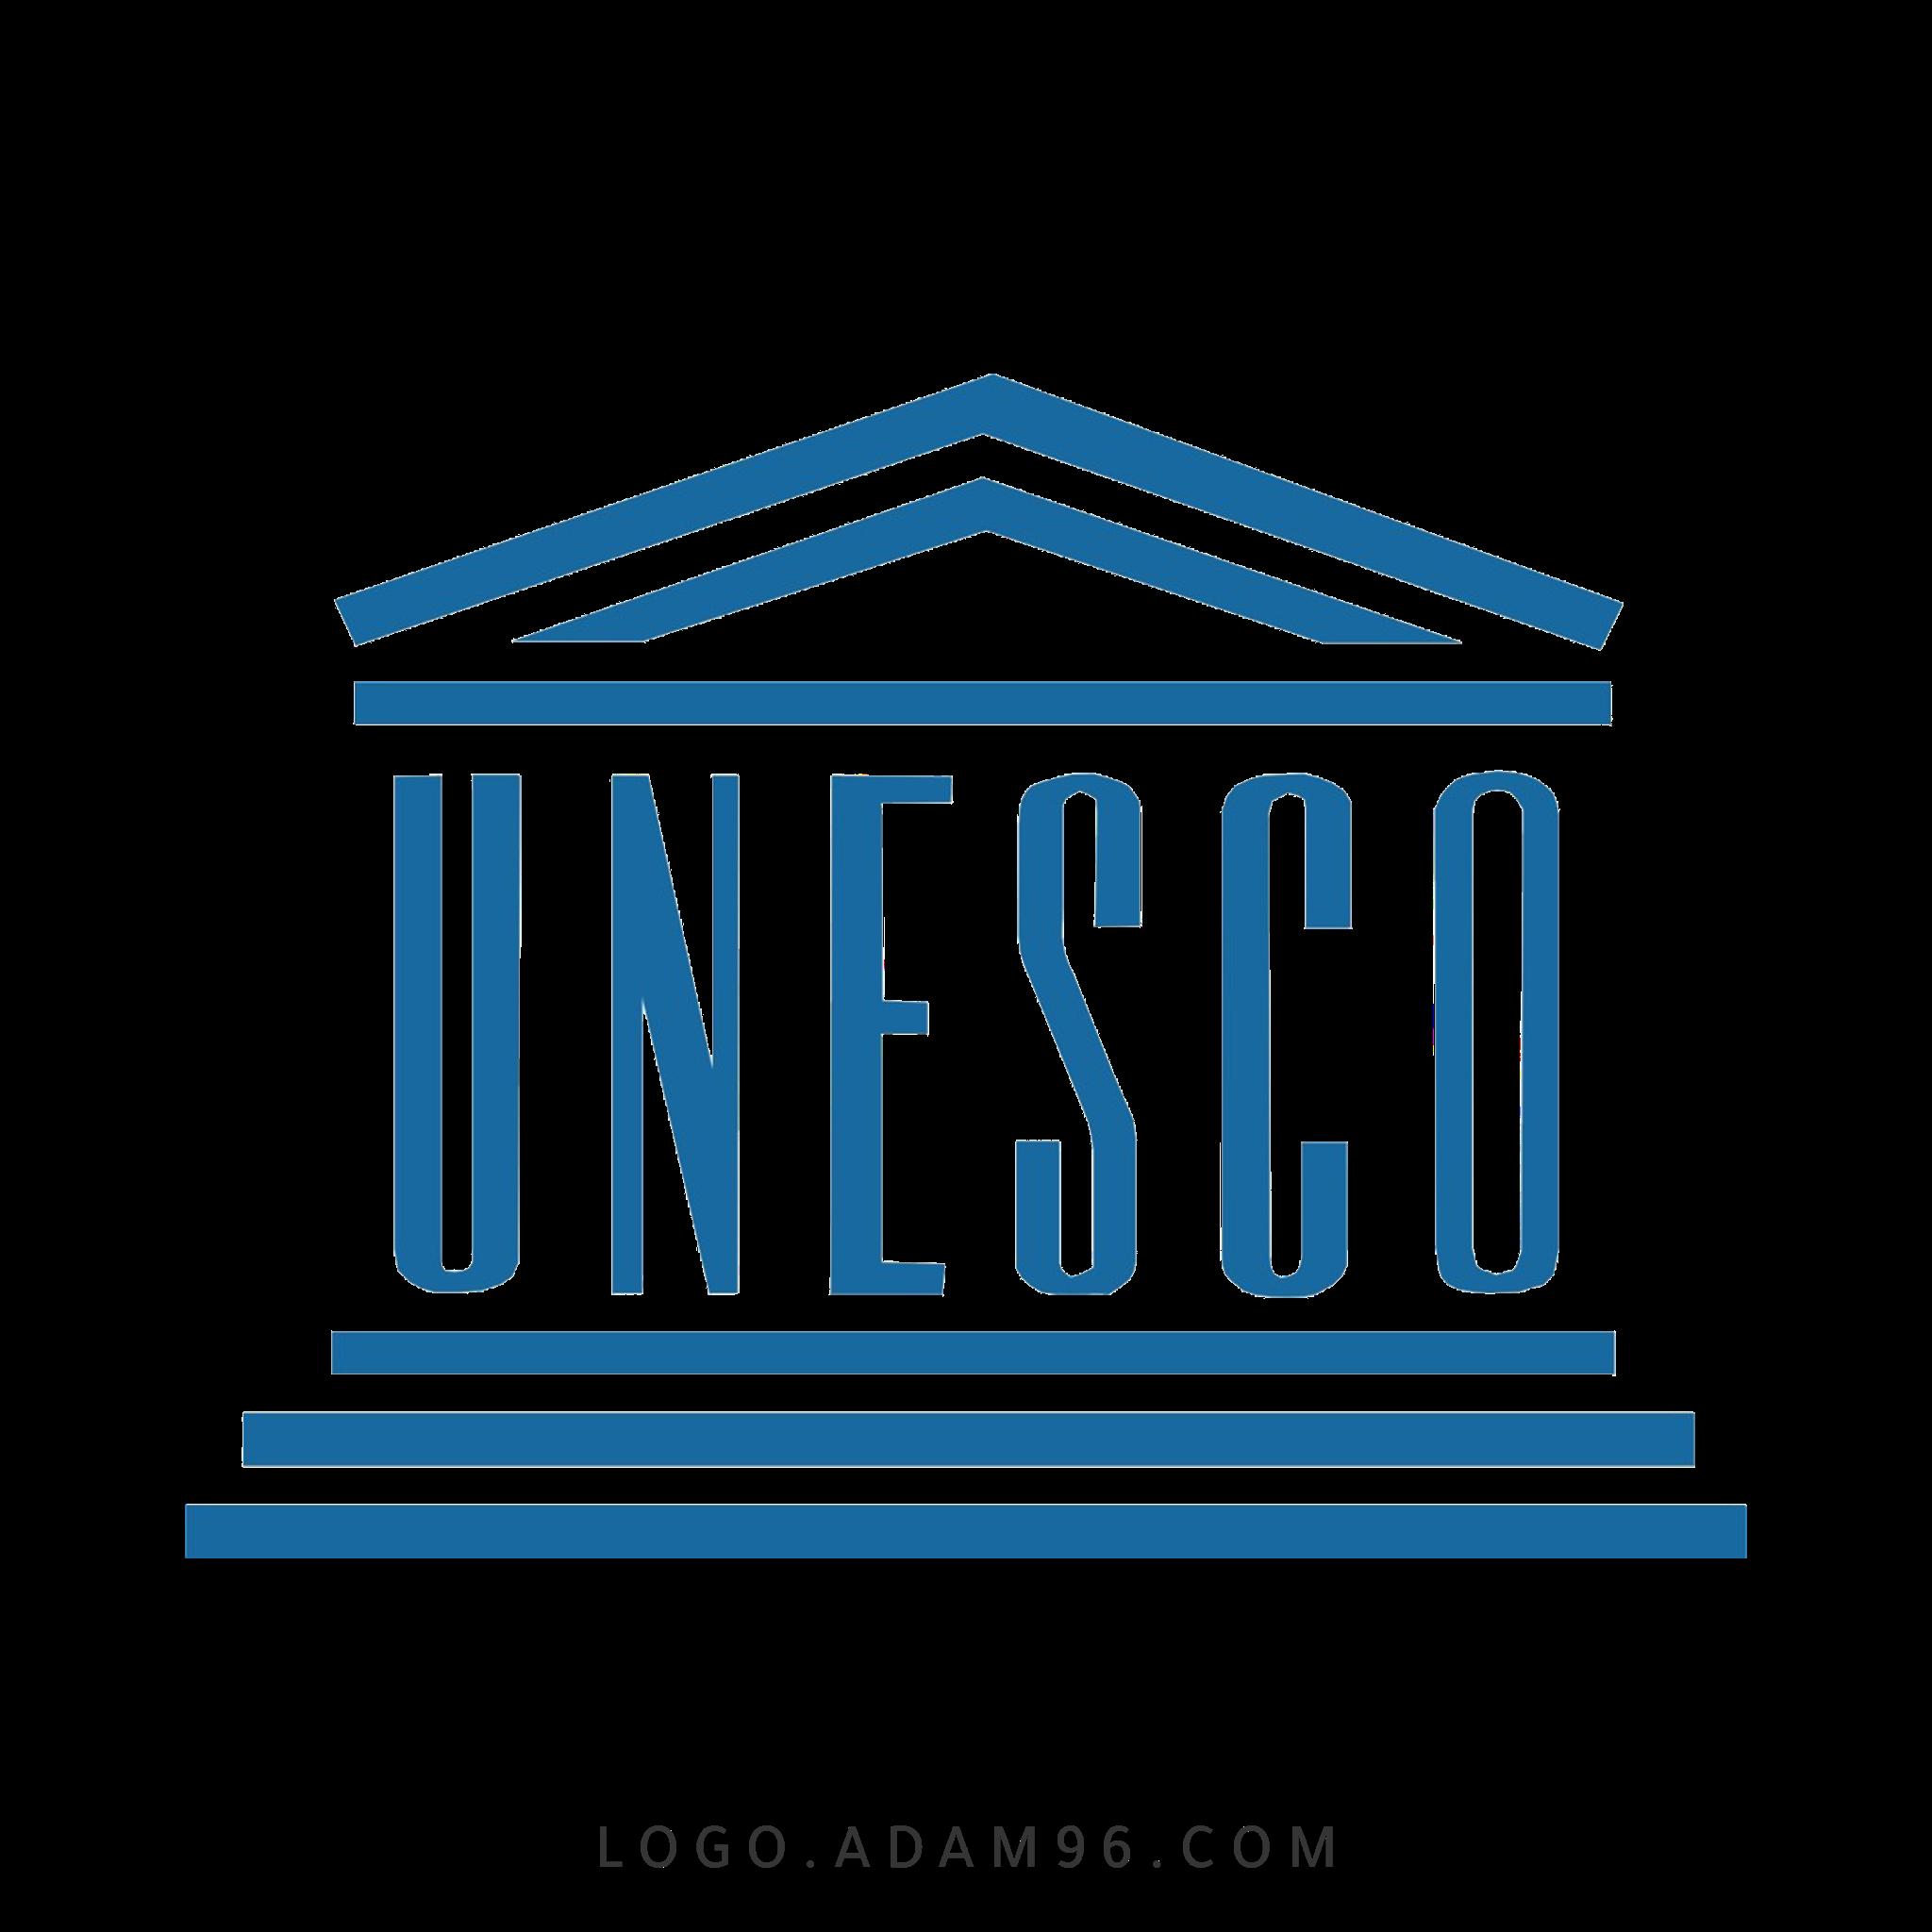 تحميل شعار منظمة يونسكو لوجو رسمي عالي الجودة LOGO UNESCO PNG